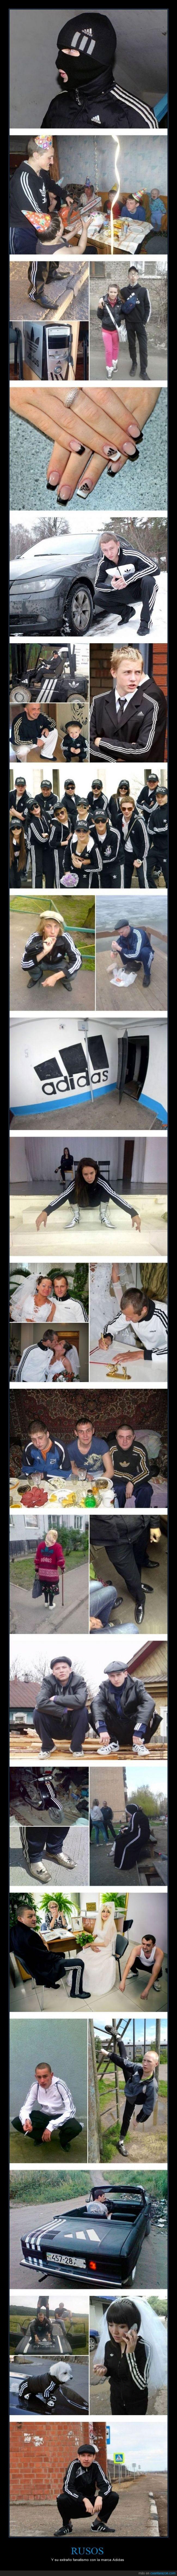 adidas,boda,marca,quieren mucho al vodka también,ropa,rusos,vestir,vodka